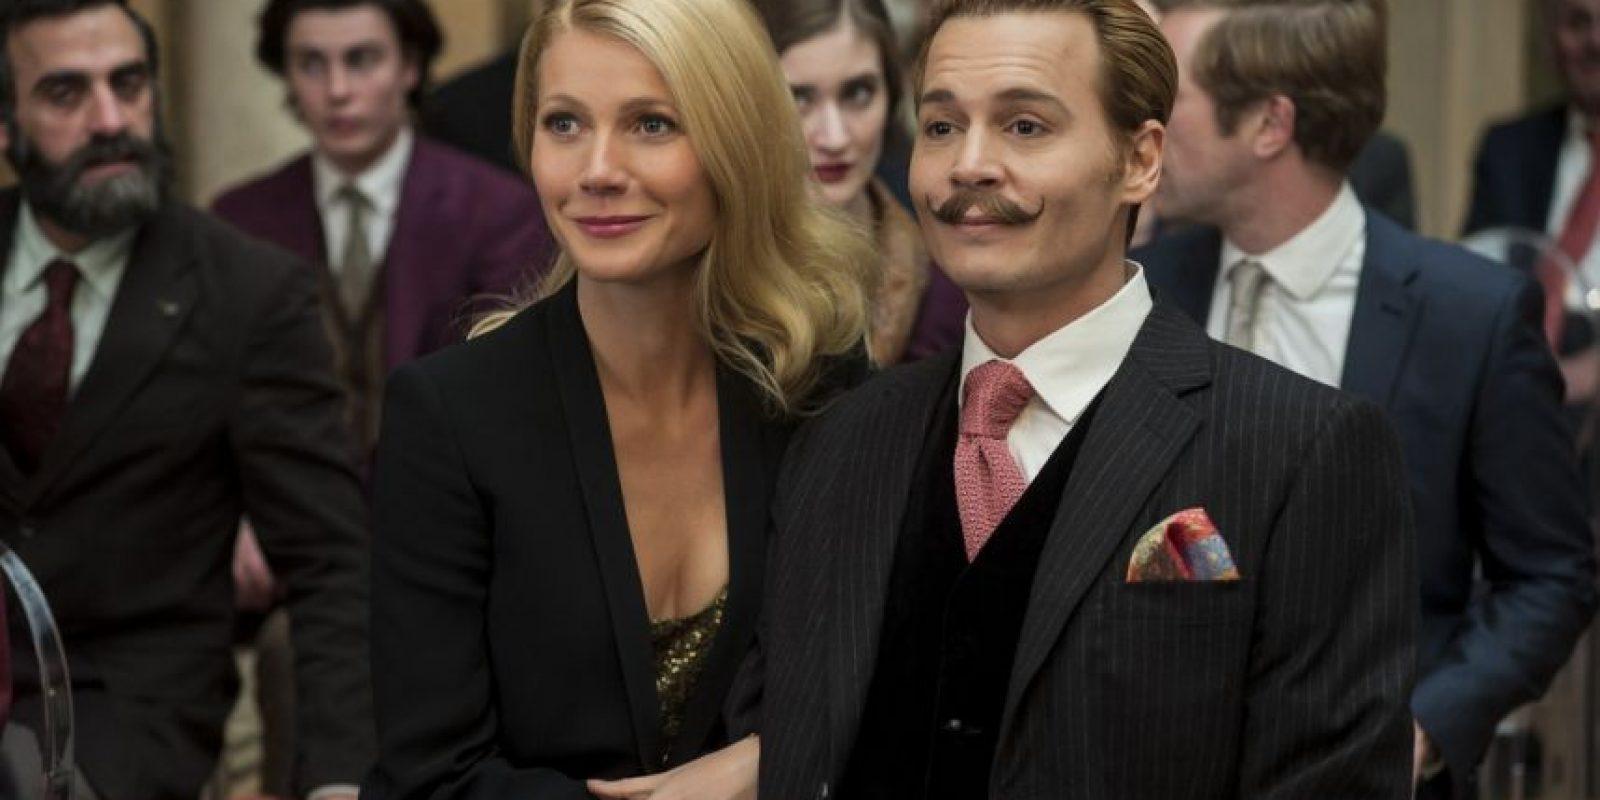 Protagonizada por Johnny Depp, recaudó globalmente 47.27 millones de dólares, que no bastaron para cubrir los 60 millones de producción. Foto:Lionsgate